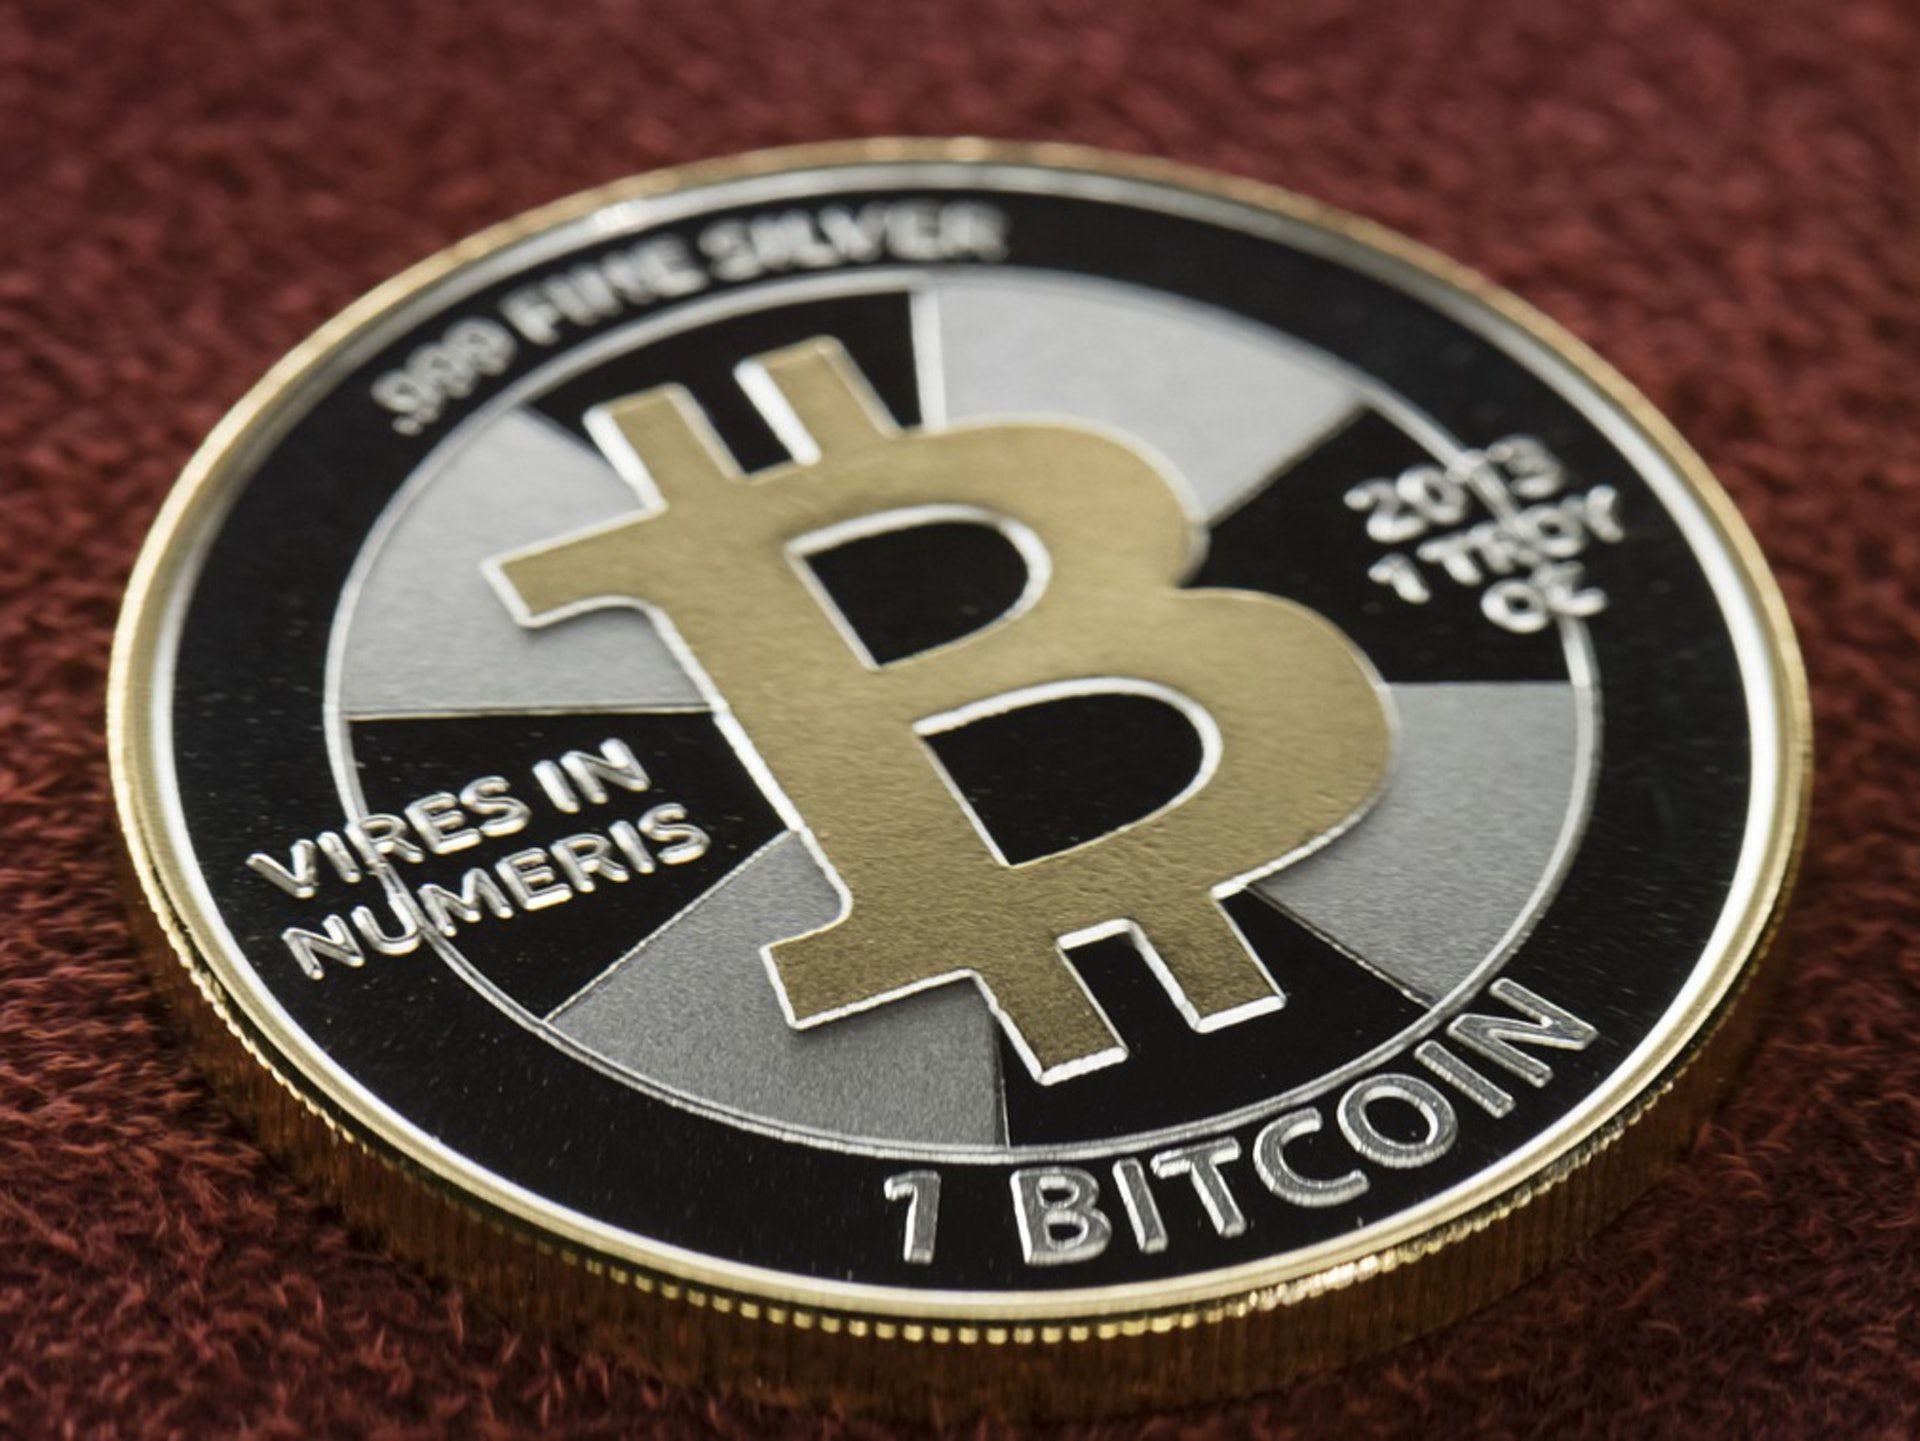 人行稱虛擬貨幣相關業務屬非法金融活動 以太幣瀉逾7%